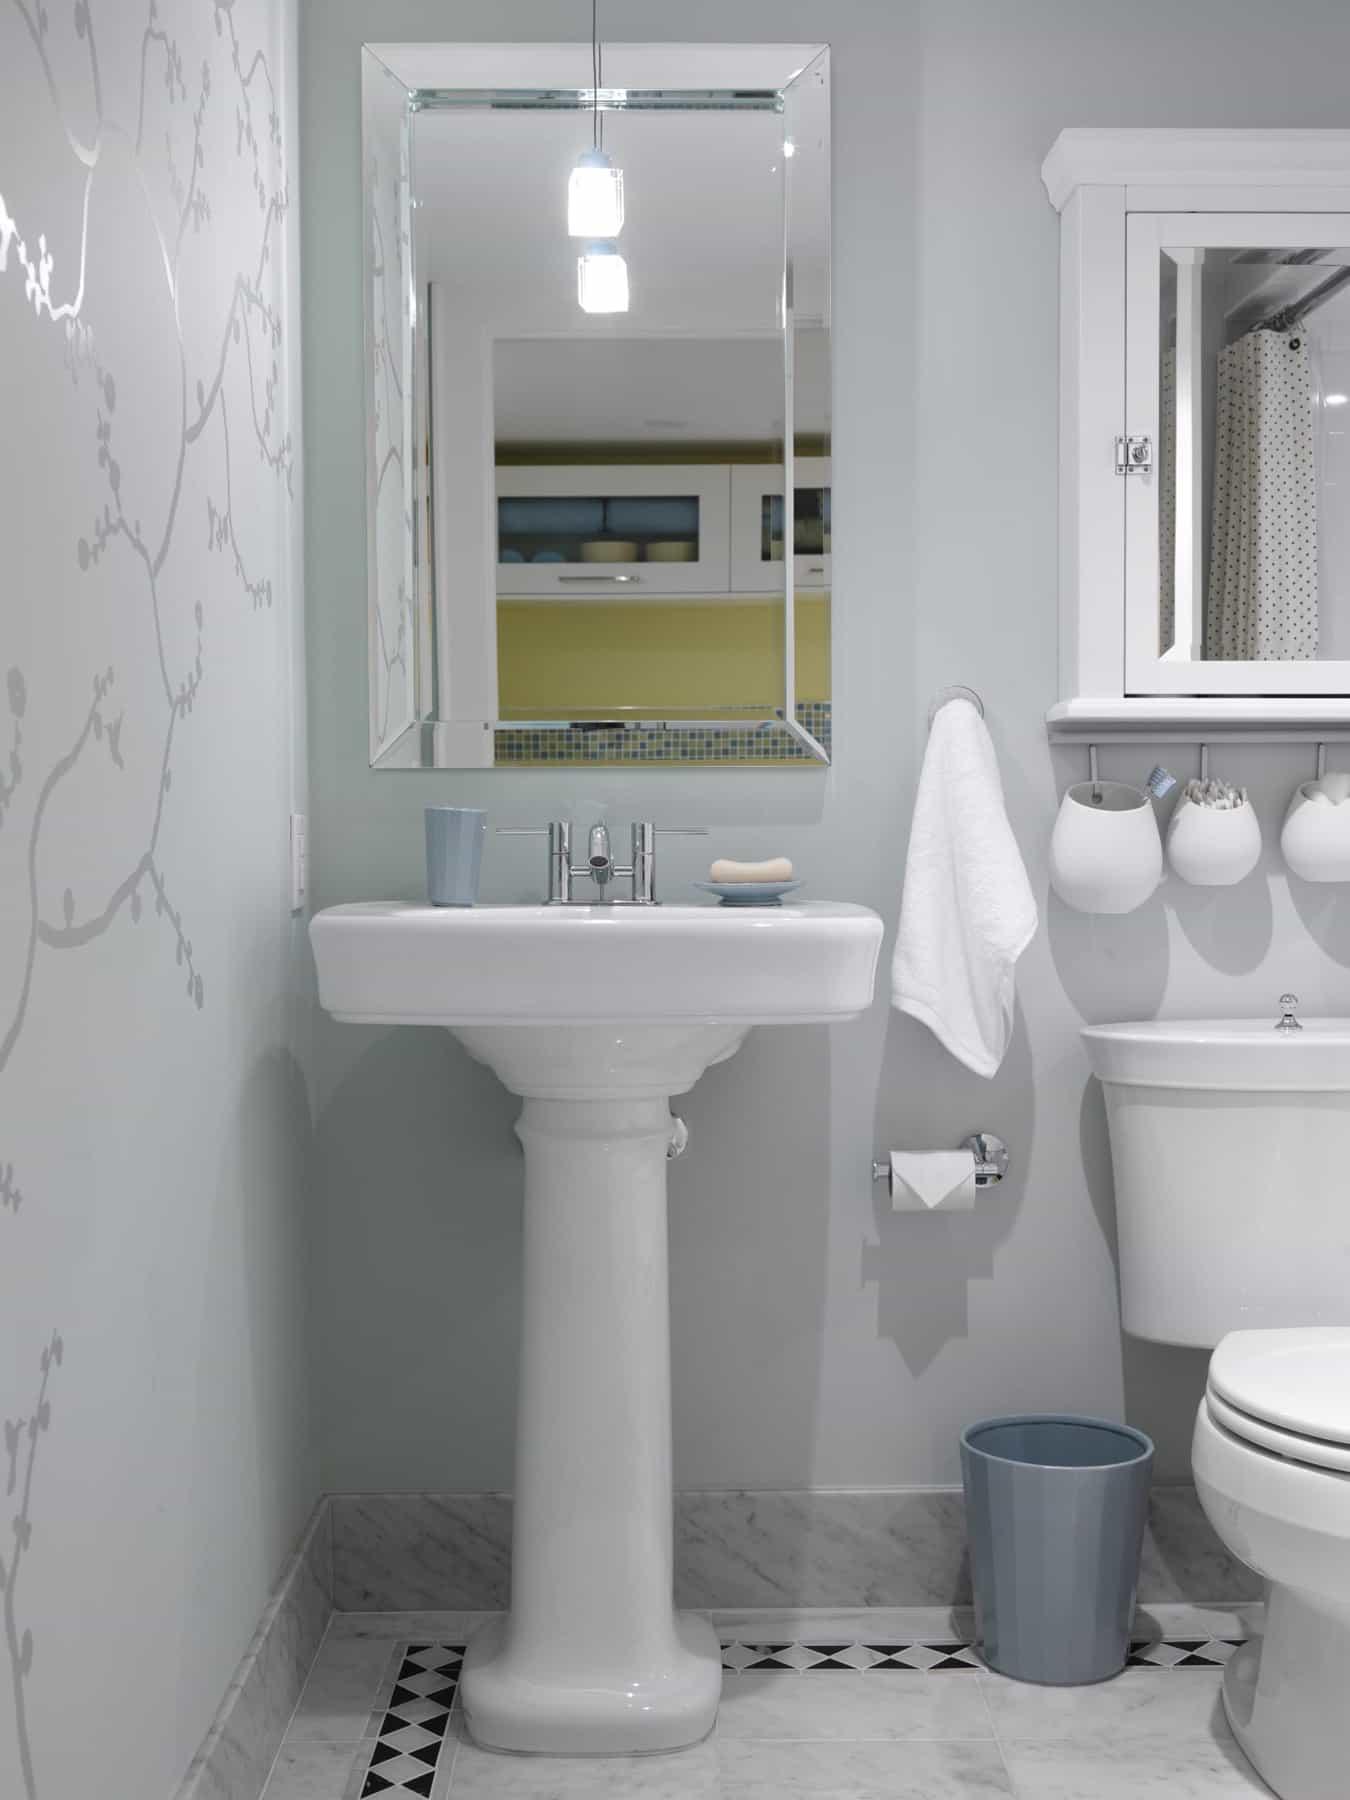 Cottage Pedestal Sink For Small Vintage Bathroom